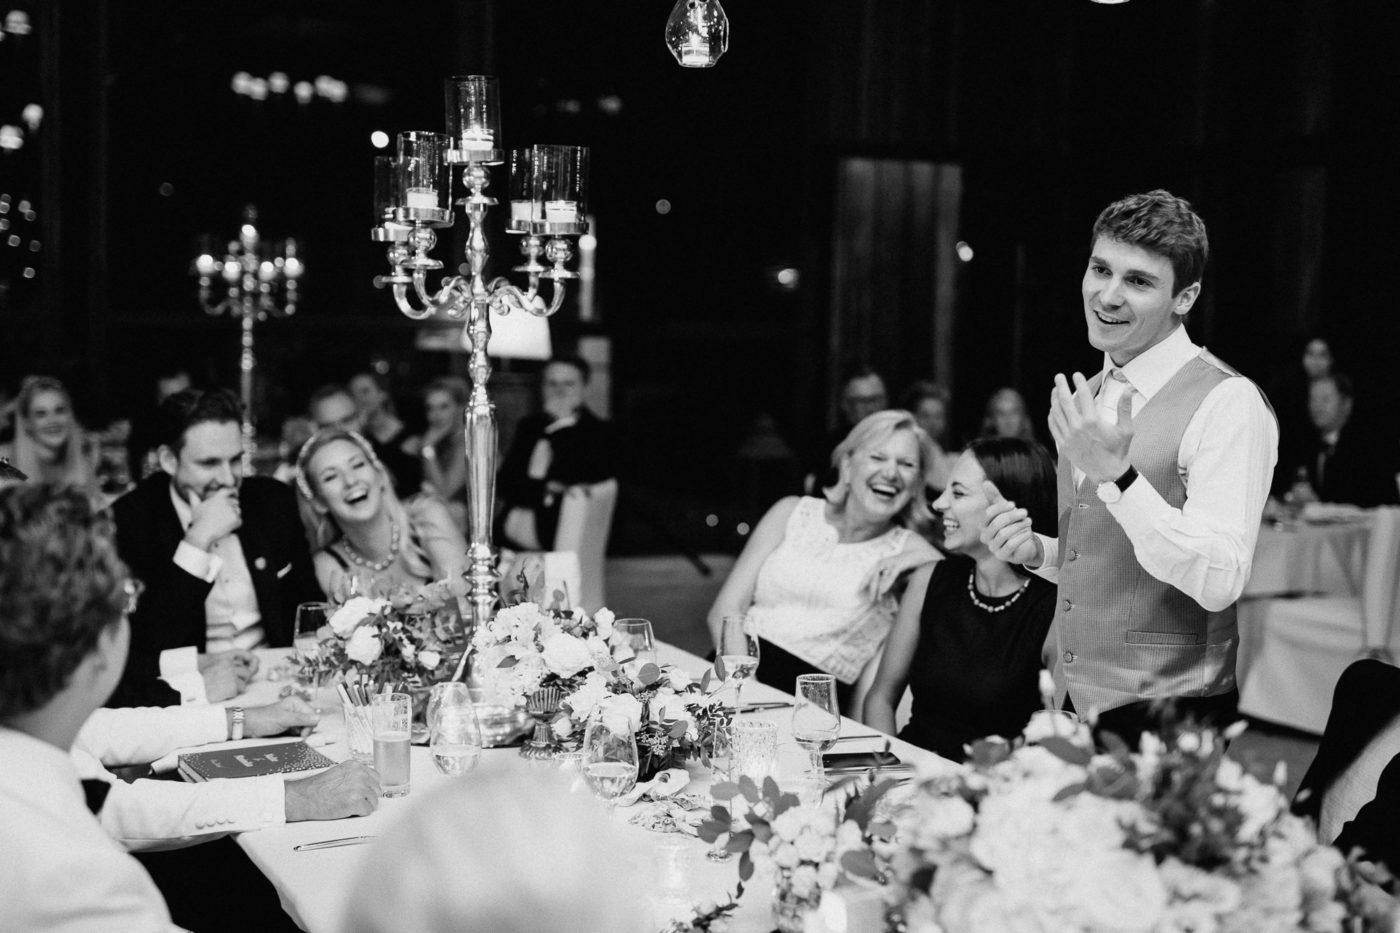 Der Trauzeuge während seiner Tischrede umringt von lachenden Gästen